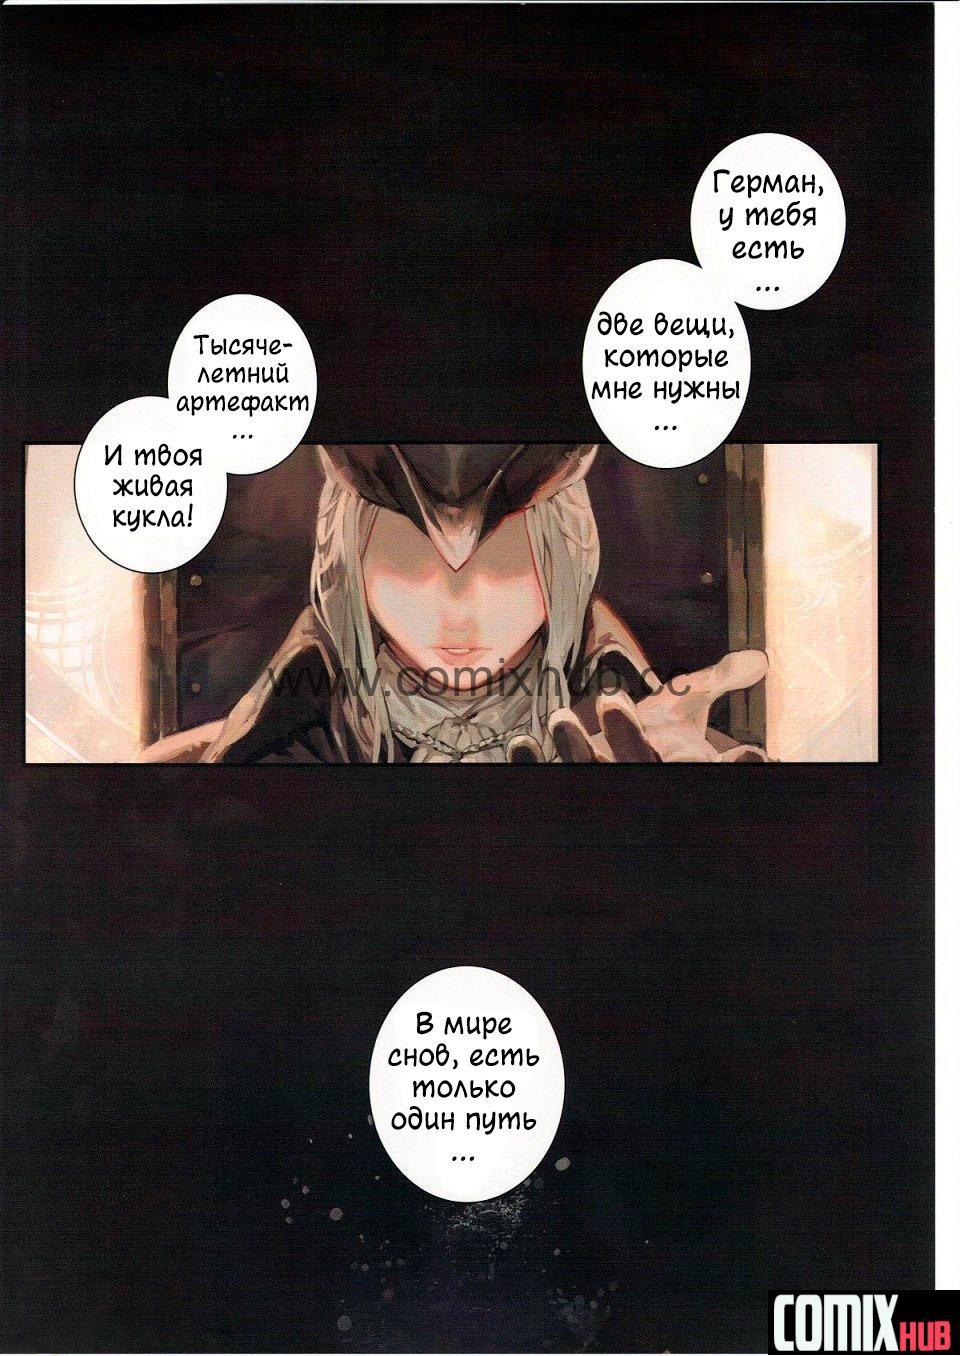 Порно комикс, Украшенный кошмар, по игре BloodBorne Порно комиксы, Без цензуры, Мастурбация, Минет, По играм